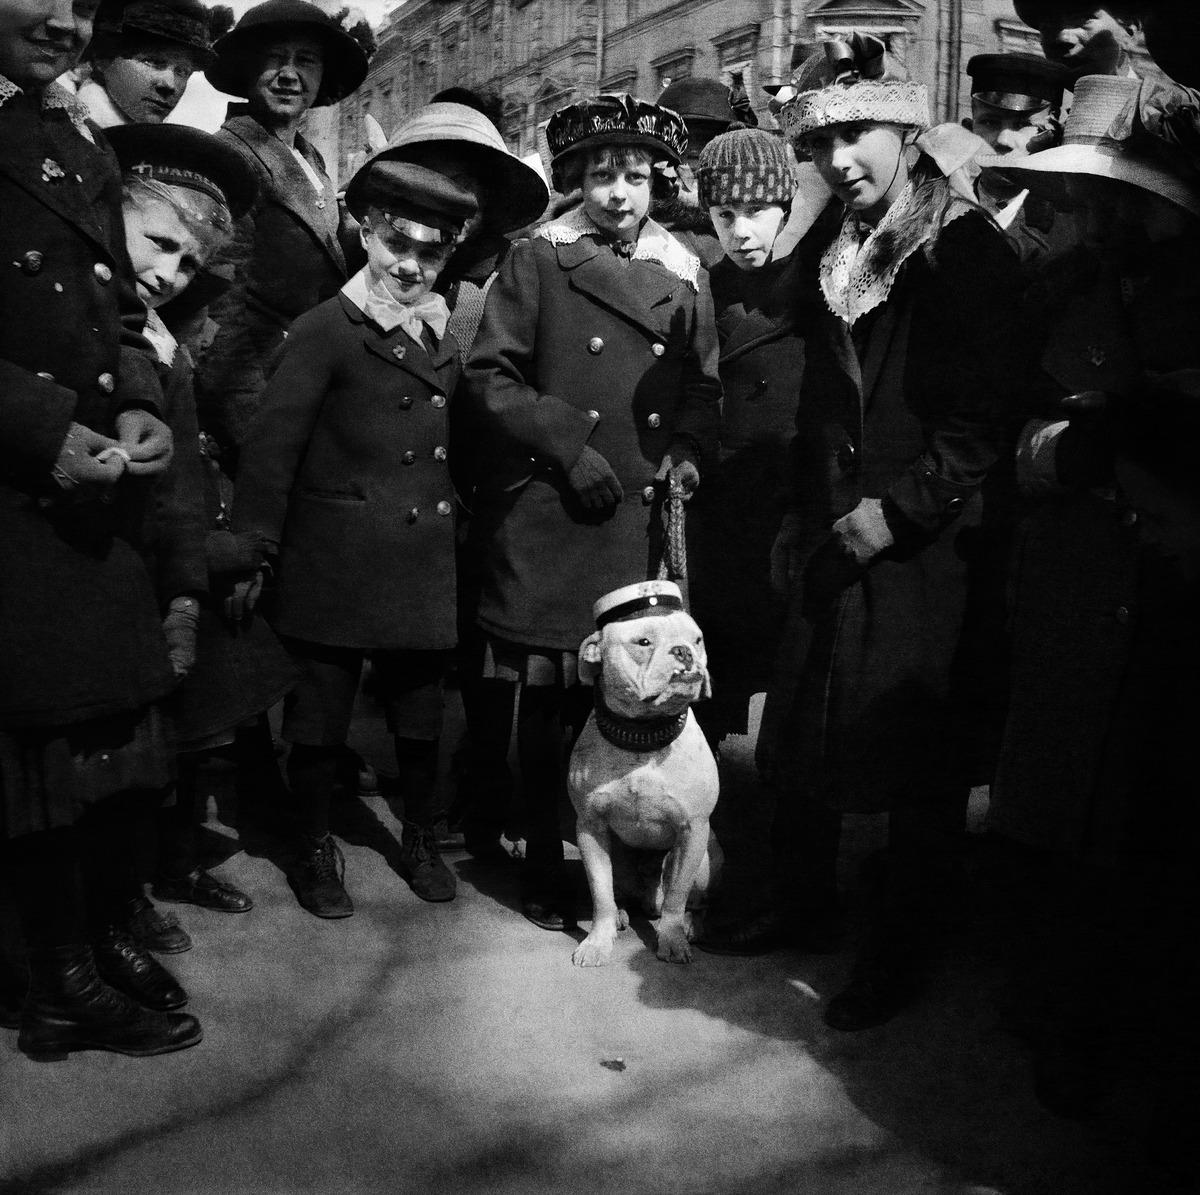 Lapset ja koira viettävät vappua Kauppatorilla Pohjois-Esplanaadikatu (Pohjoisesplanadi) 17:n edustalla